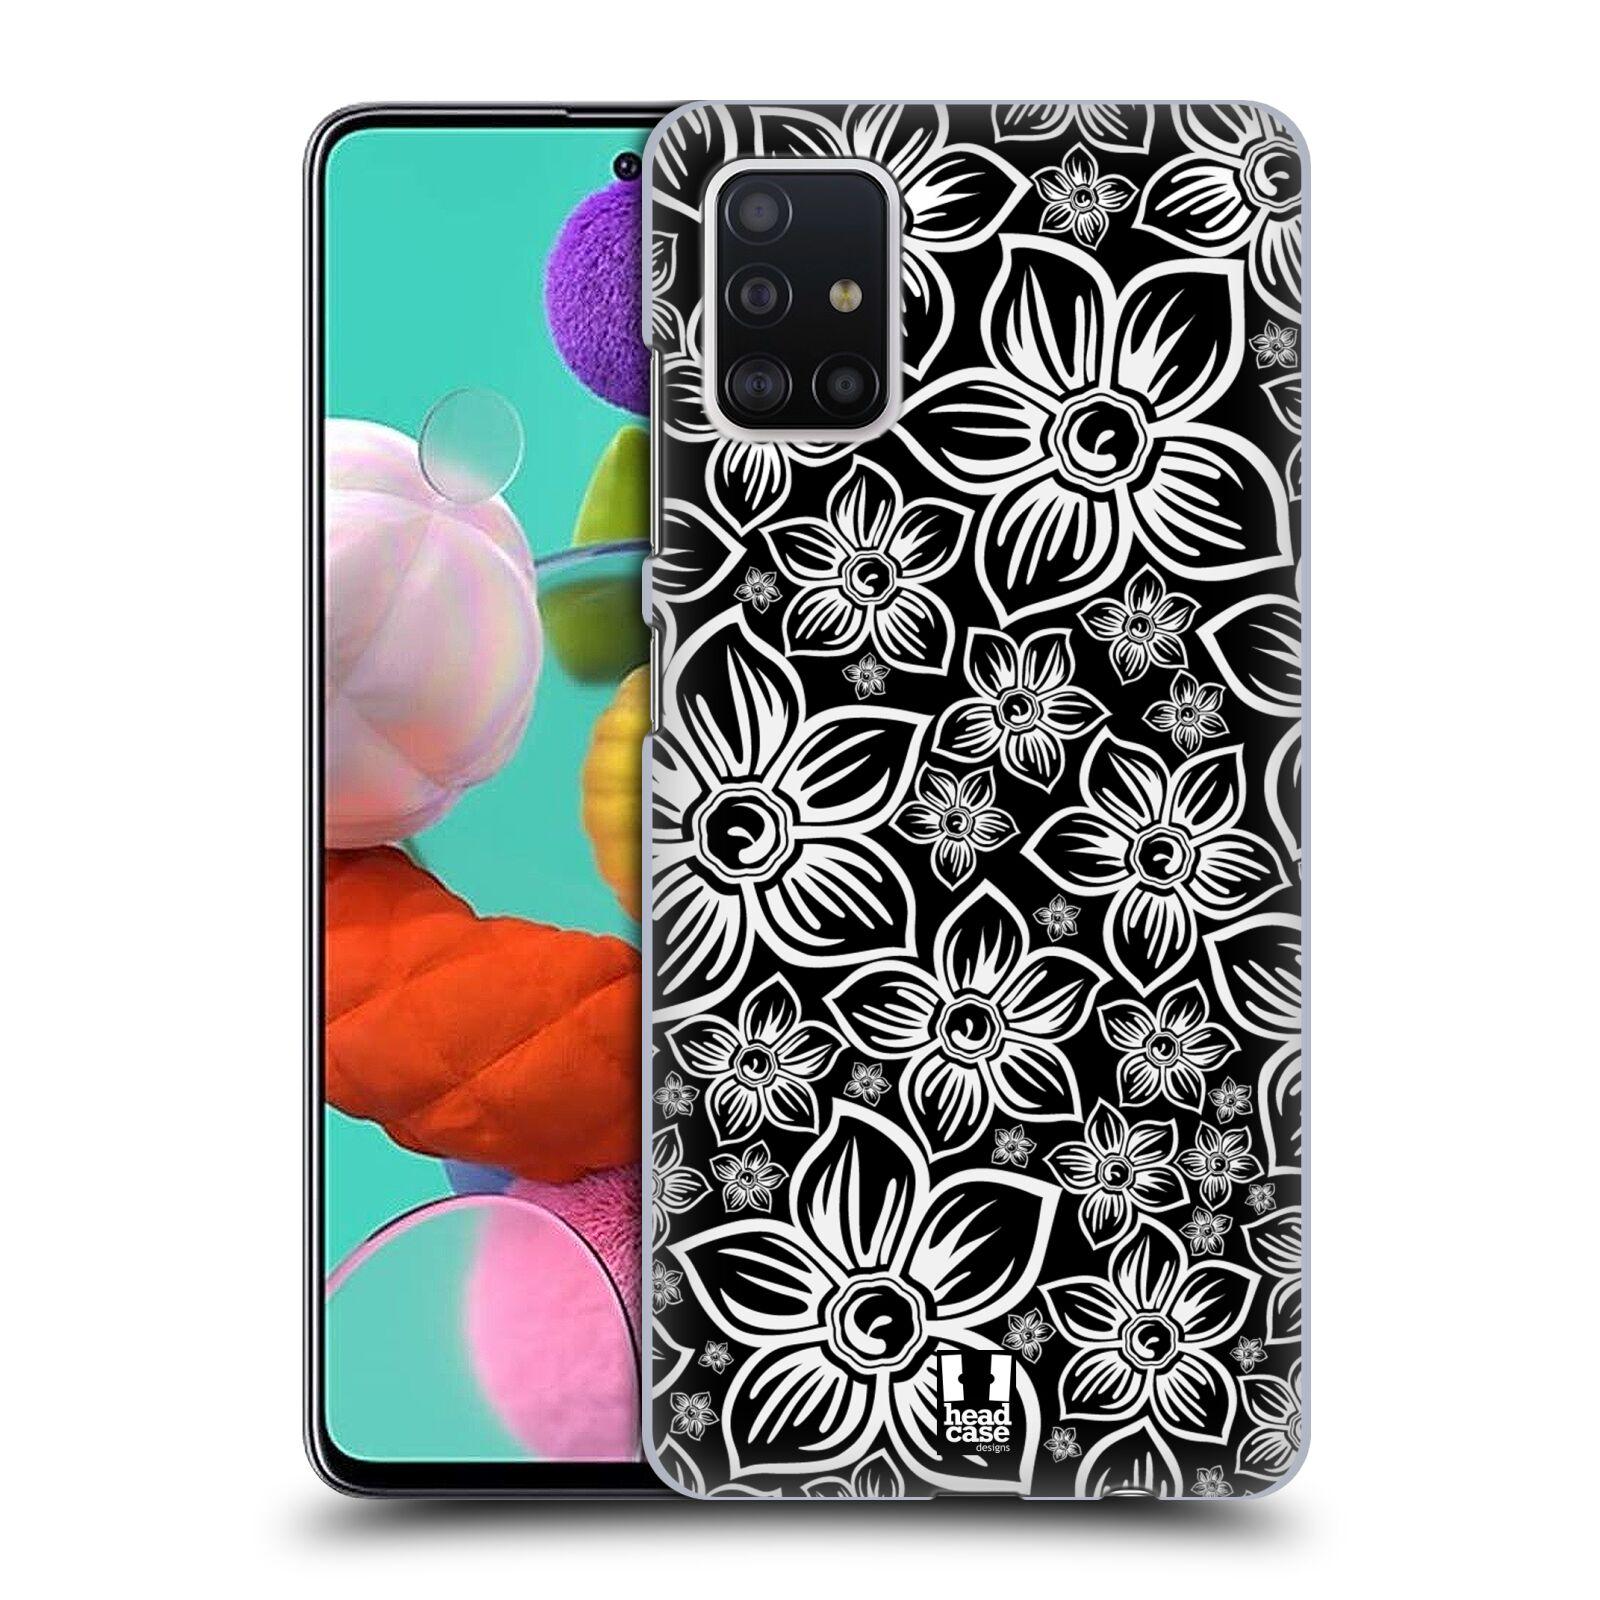 Plastové pouzdro na mobil Samsung Galaxy A51 - Head Case - FLORAL DAISY